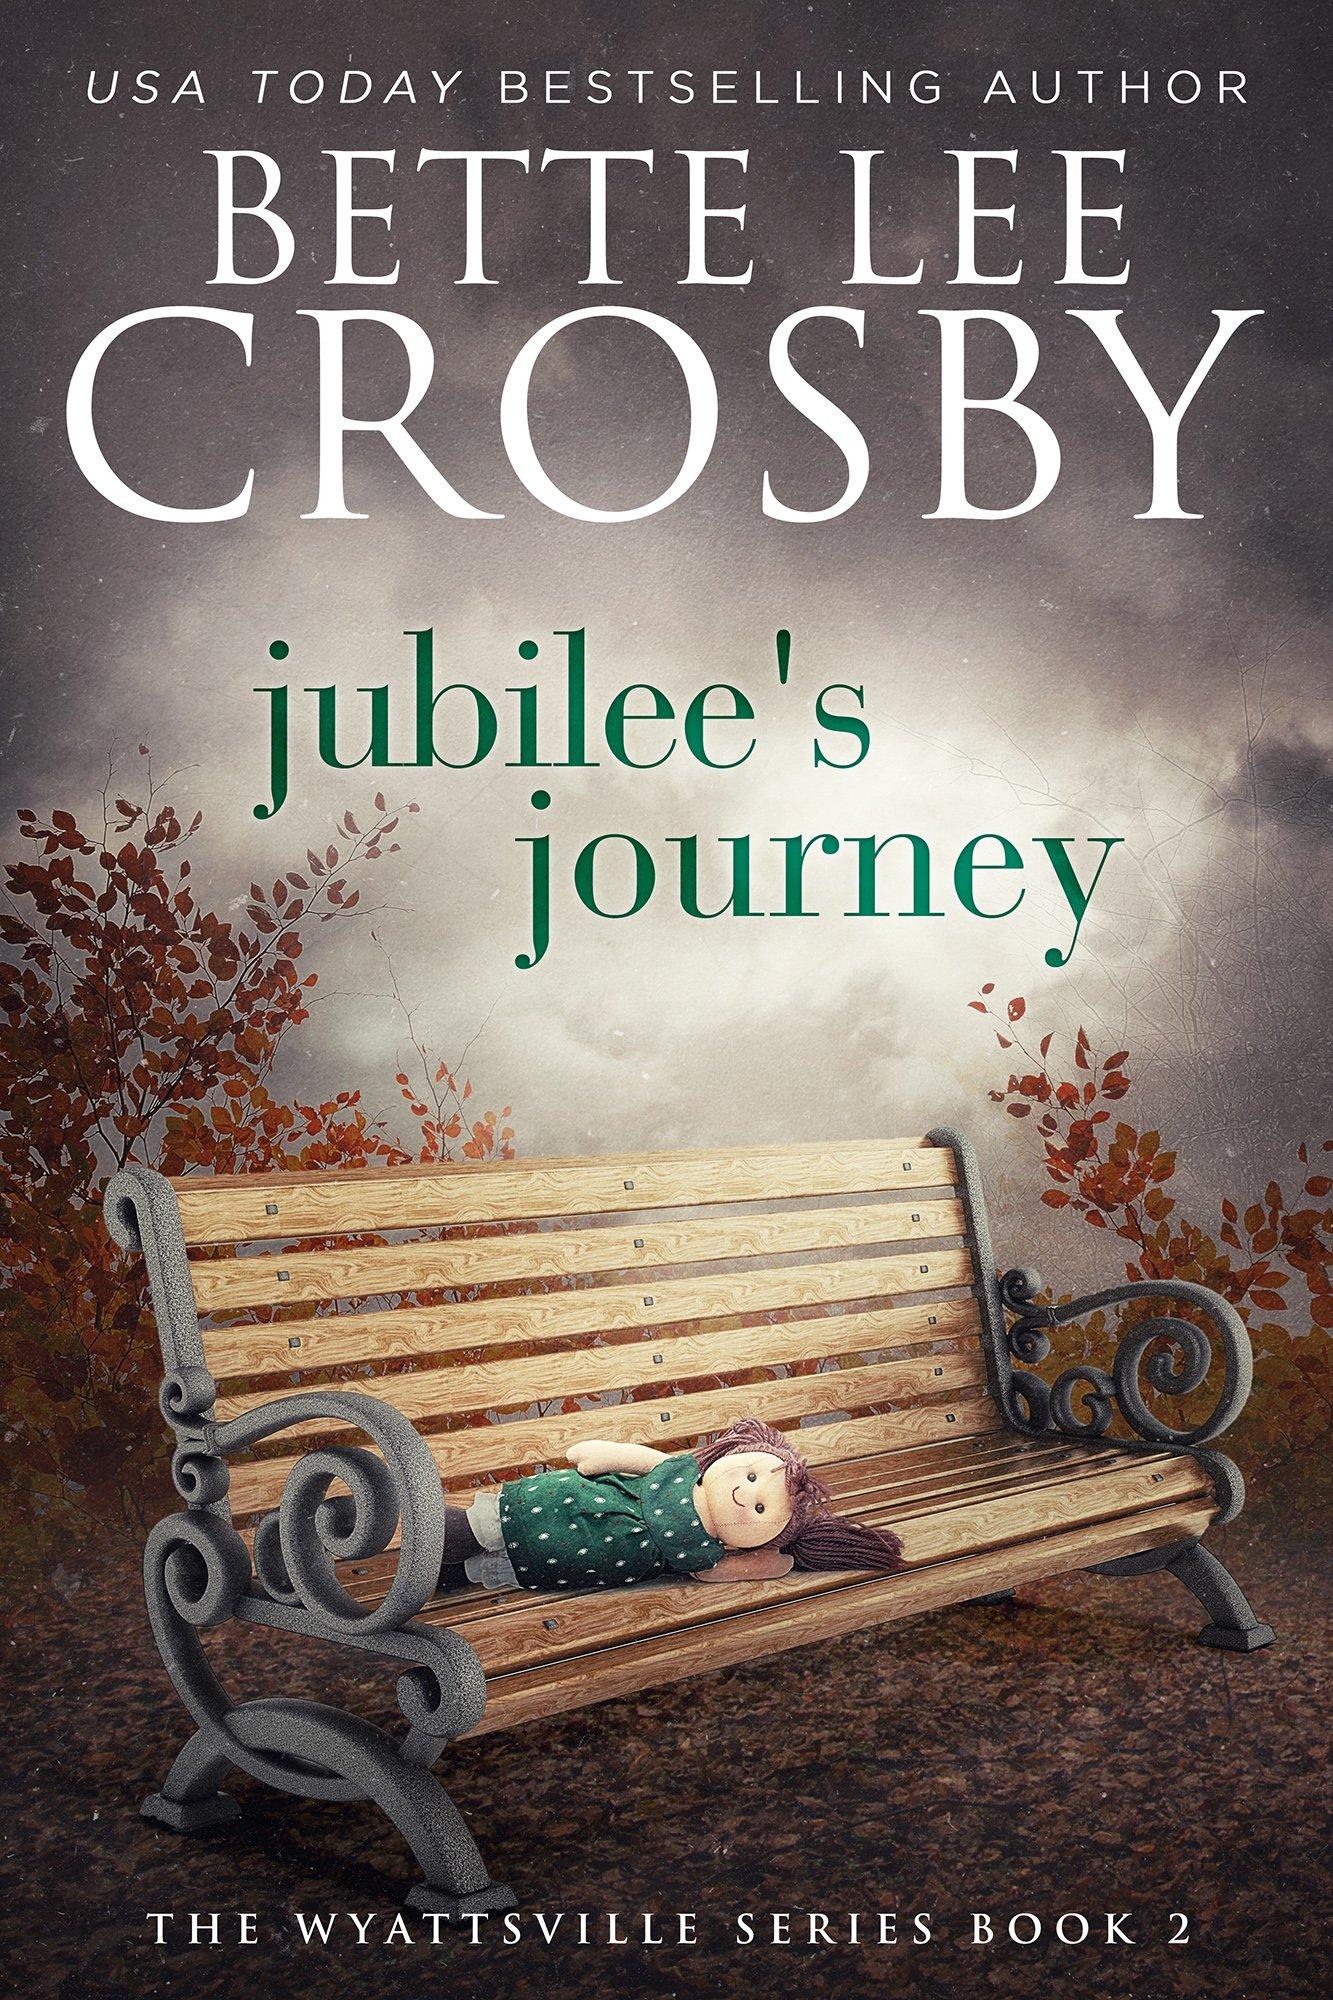 Jubilee's Journey - Ebook Small